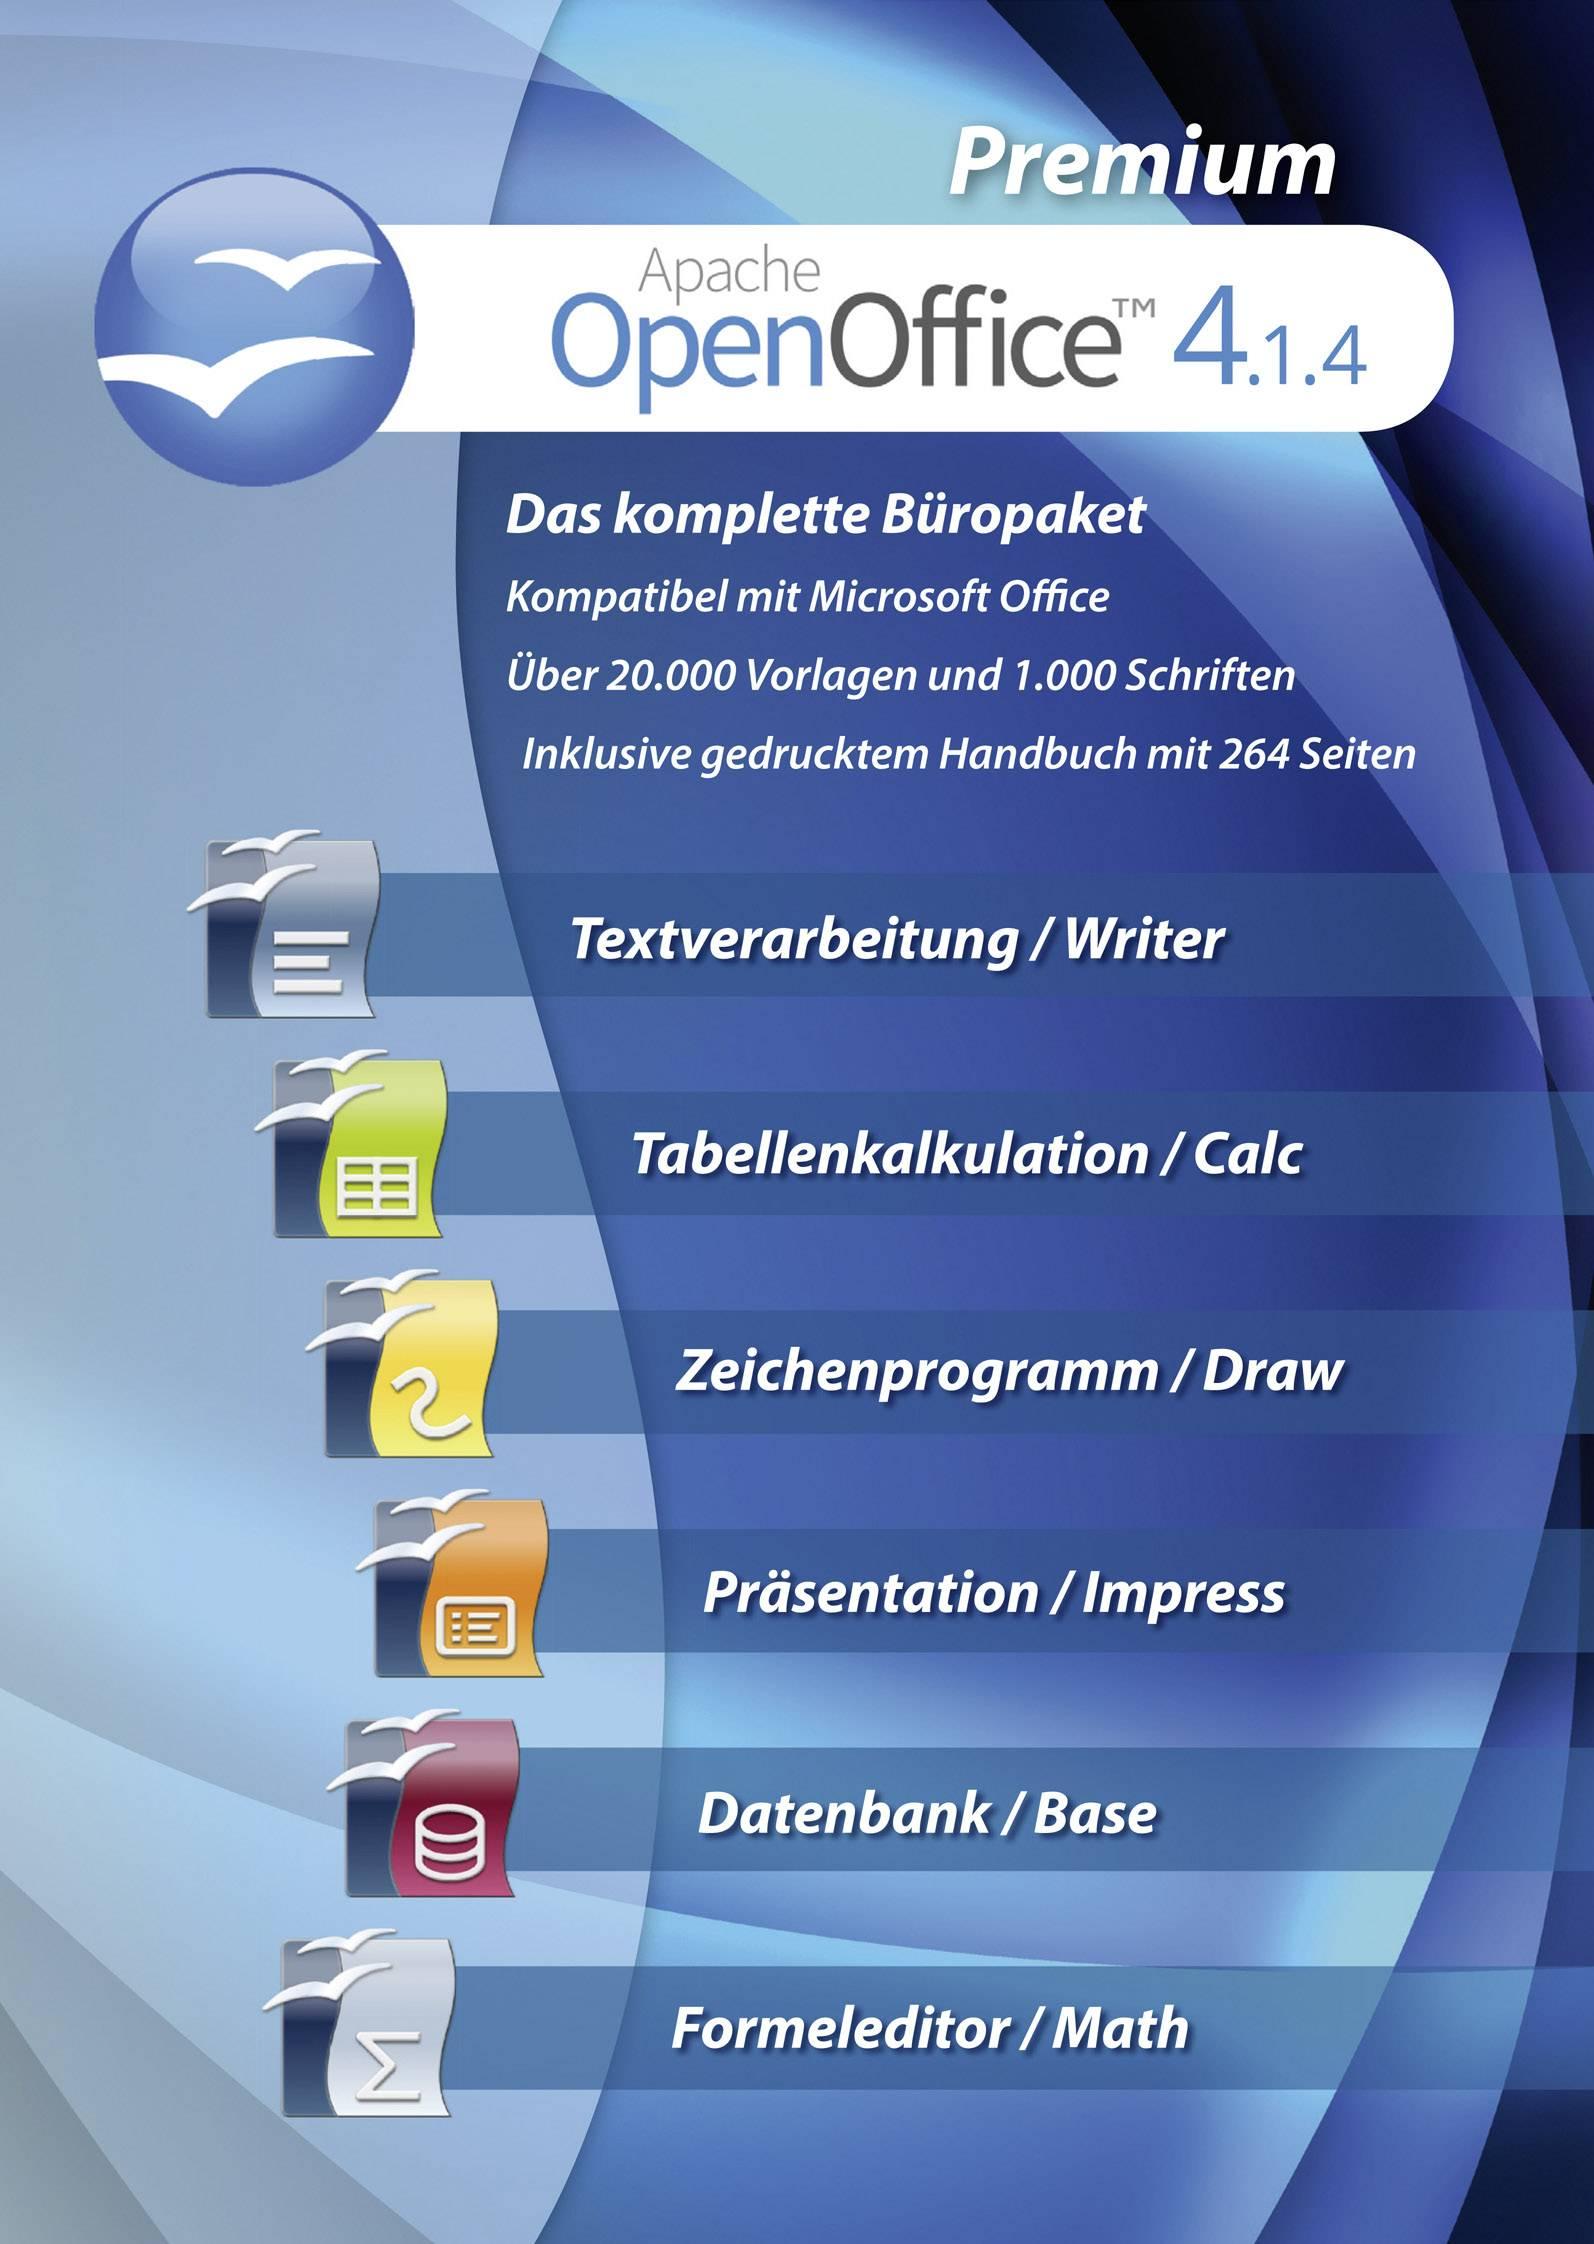 OpenOffice 4 1 4 Premium Full version, 1 license Windows